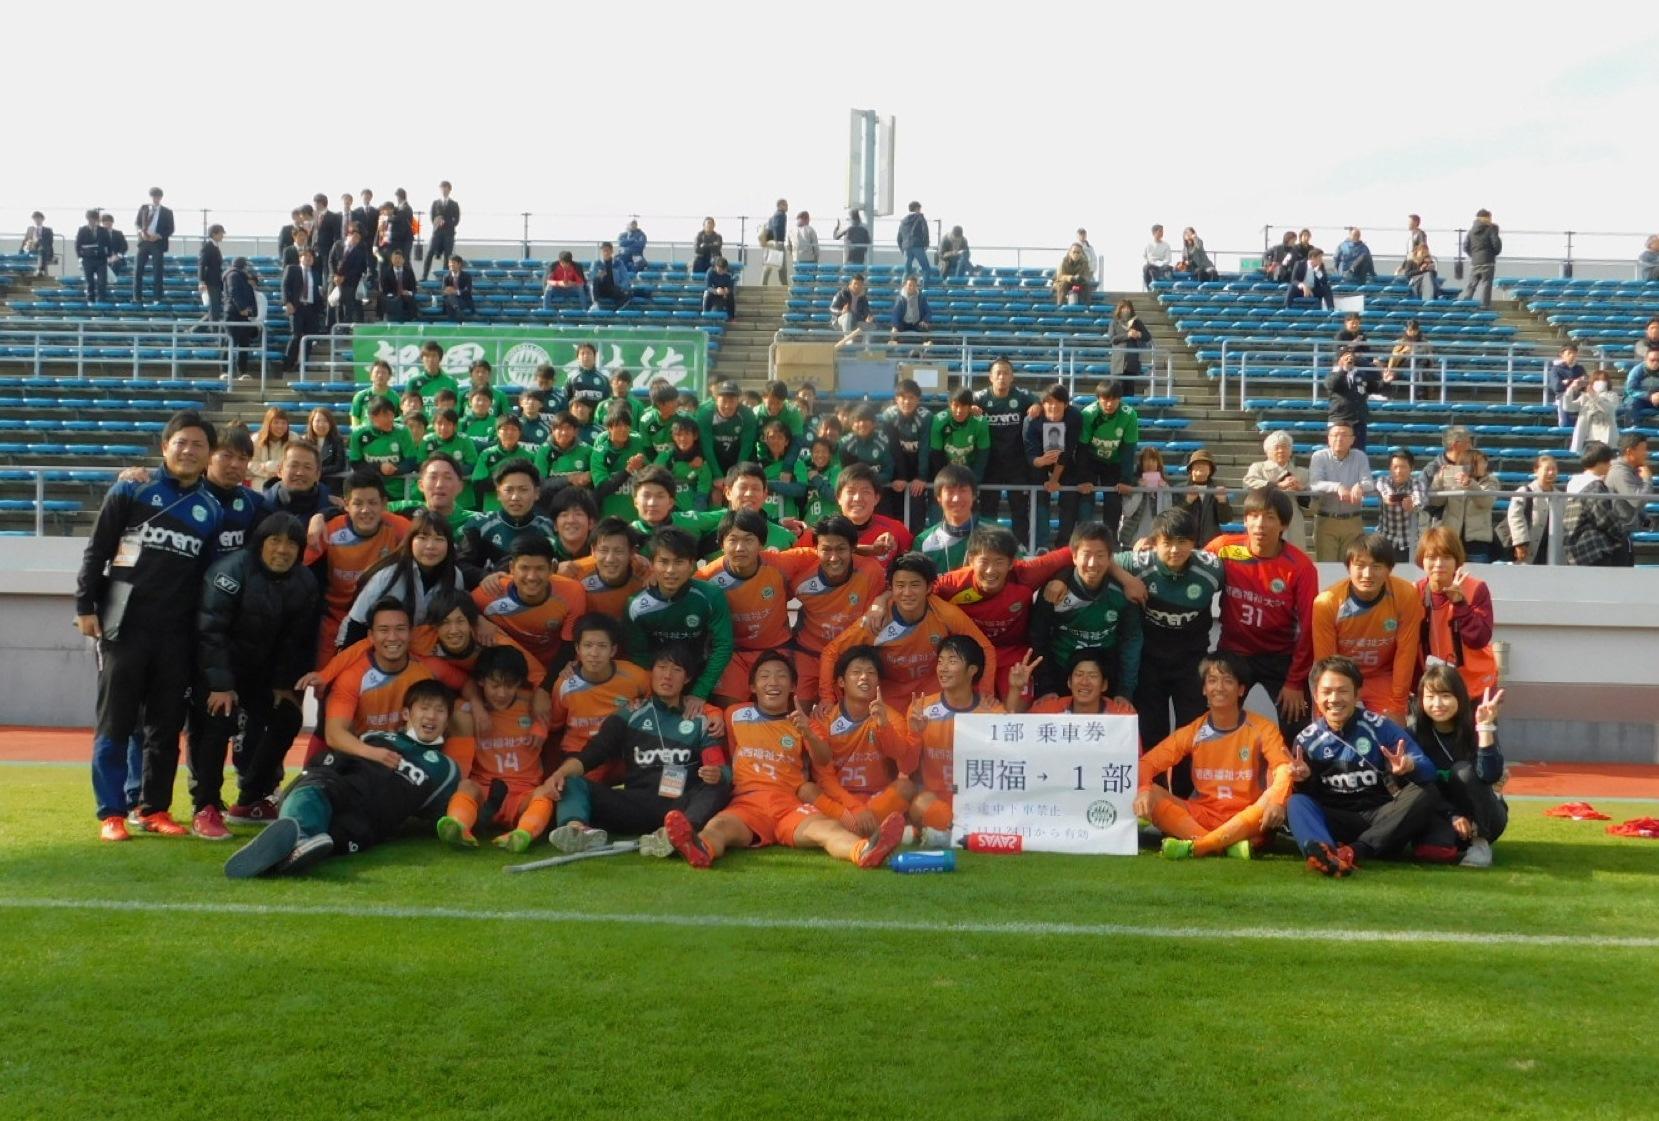 関西福祉大学サッカー部が創部4年で関西学生サッカー連盟1部昇格!!